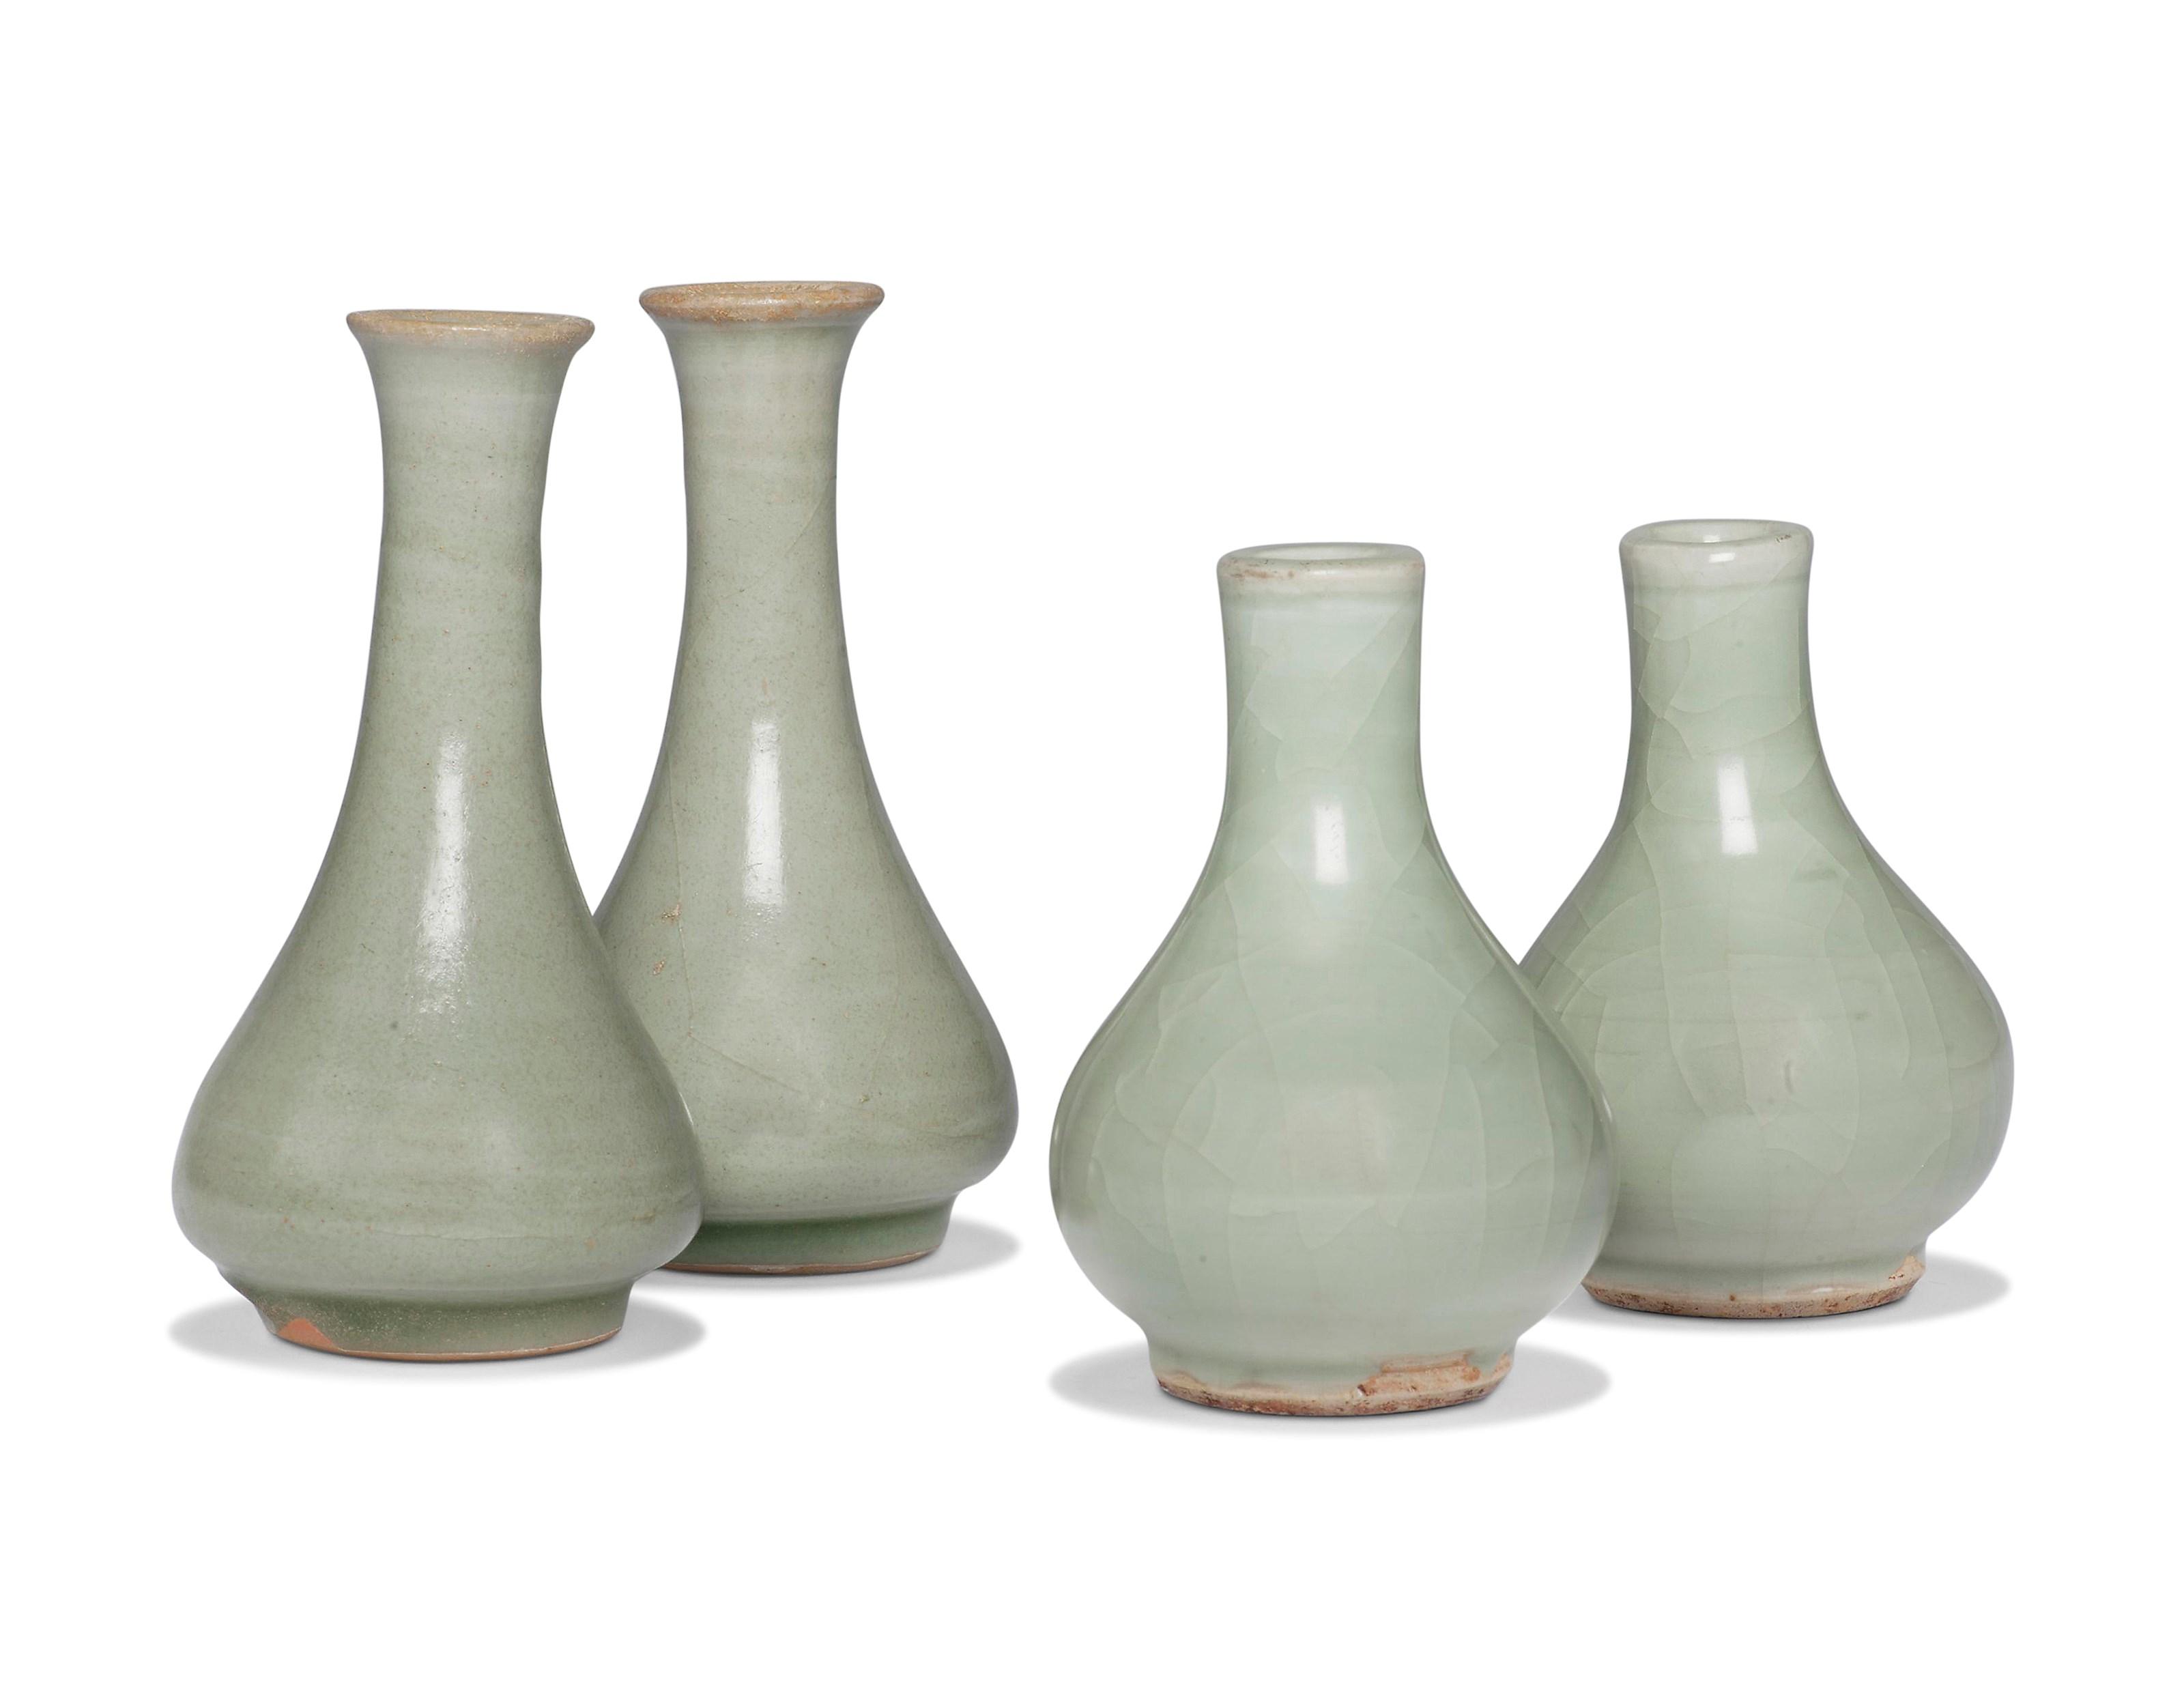 元明 龙泉青釉瓶一对及粉青釉瓶一对 一组四件,较大一对高4½ 吋 (11.5 公分)。估价:3,000-5,000英镑。此拍品于2018年12月5至13日举行之中国艺术:伦敦冬季网上拍卖中呈献。